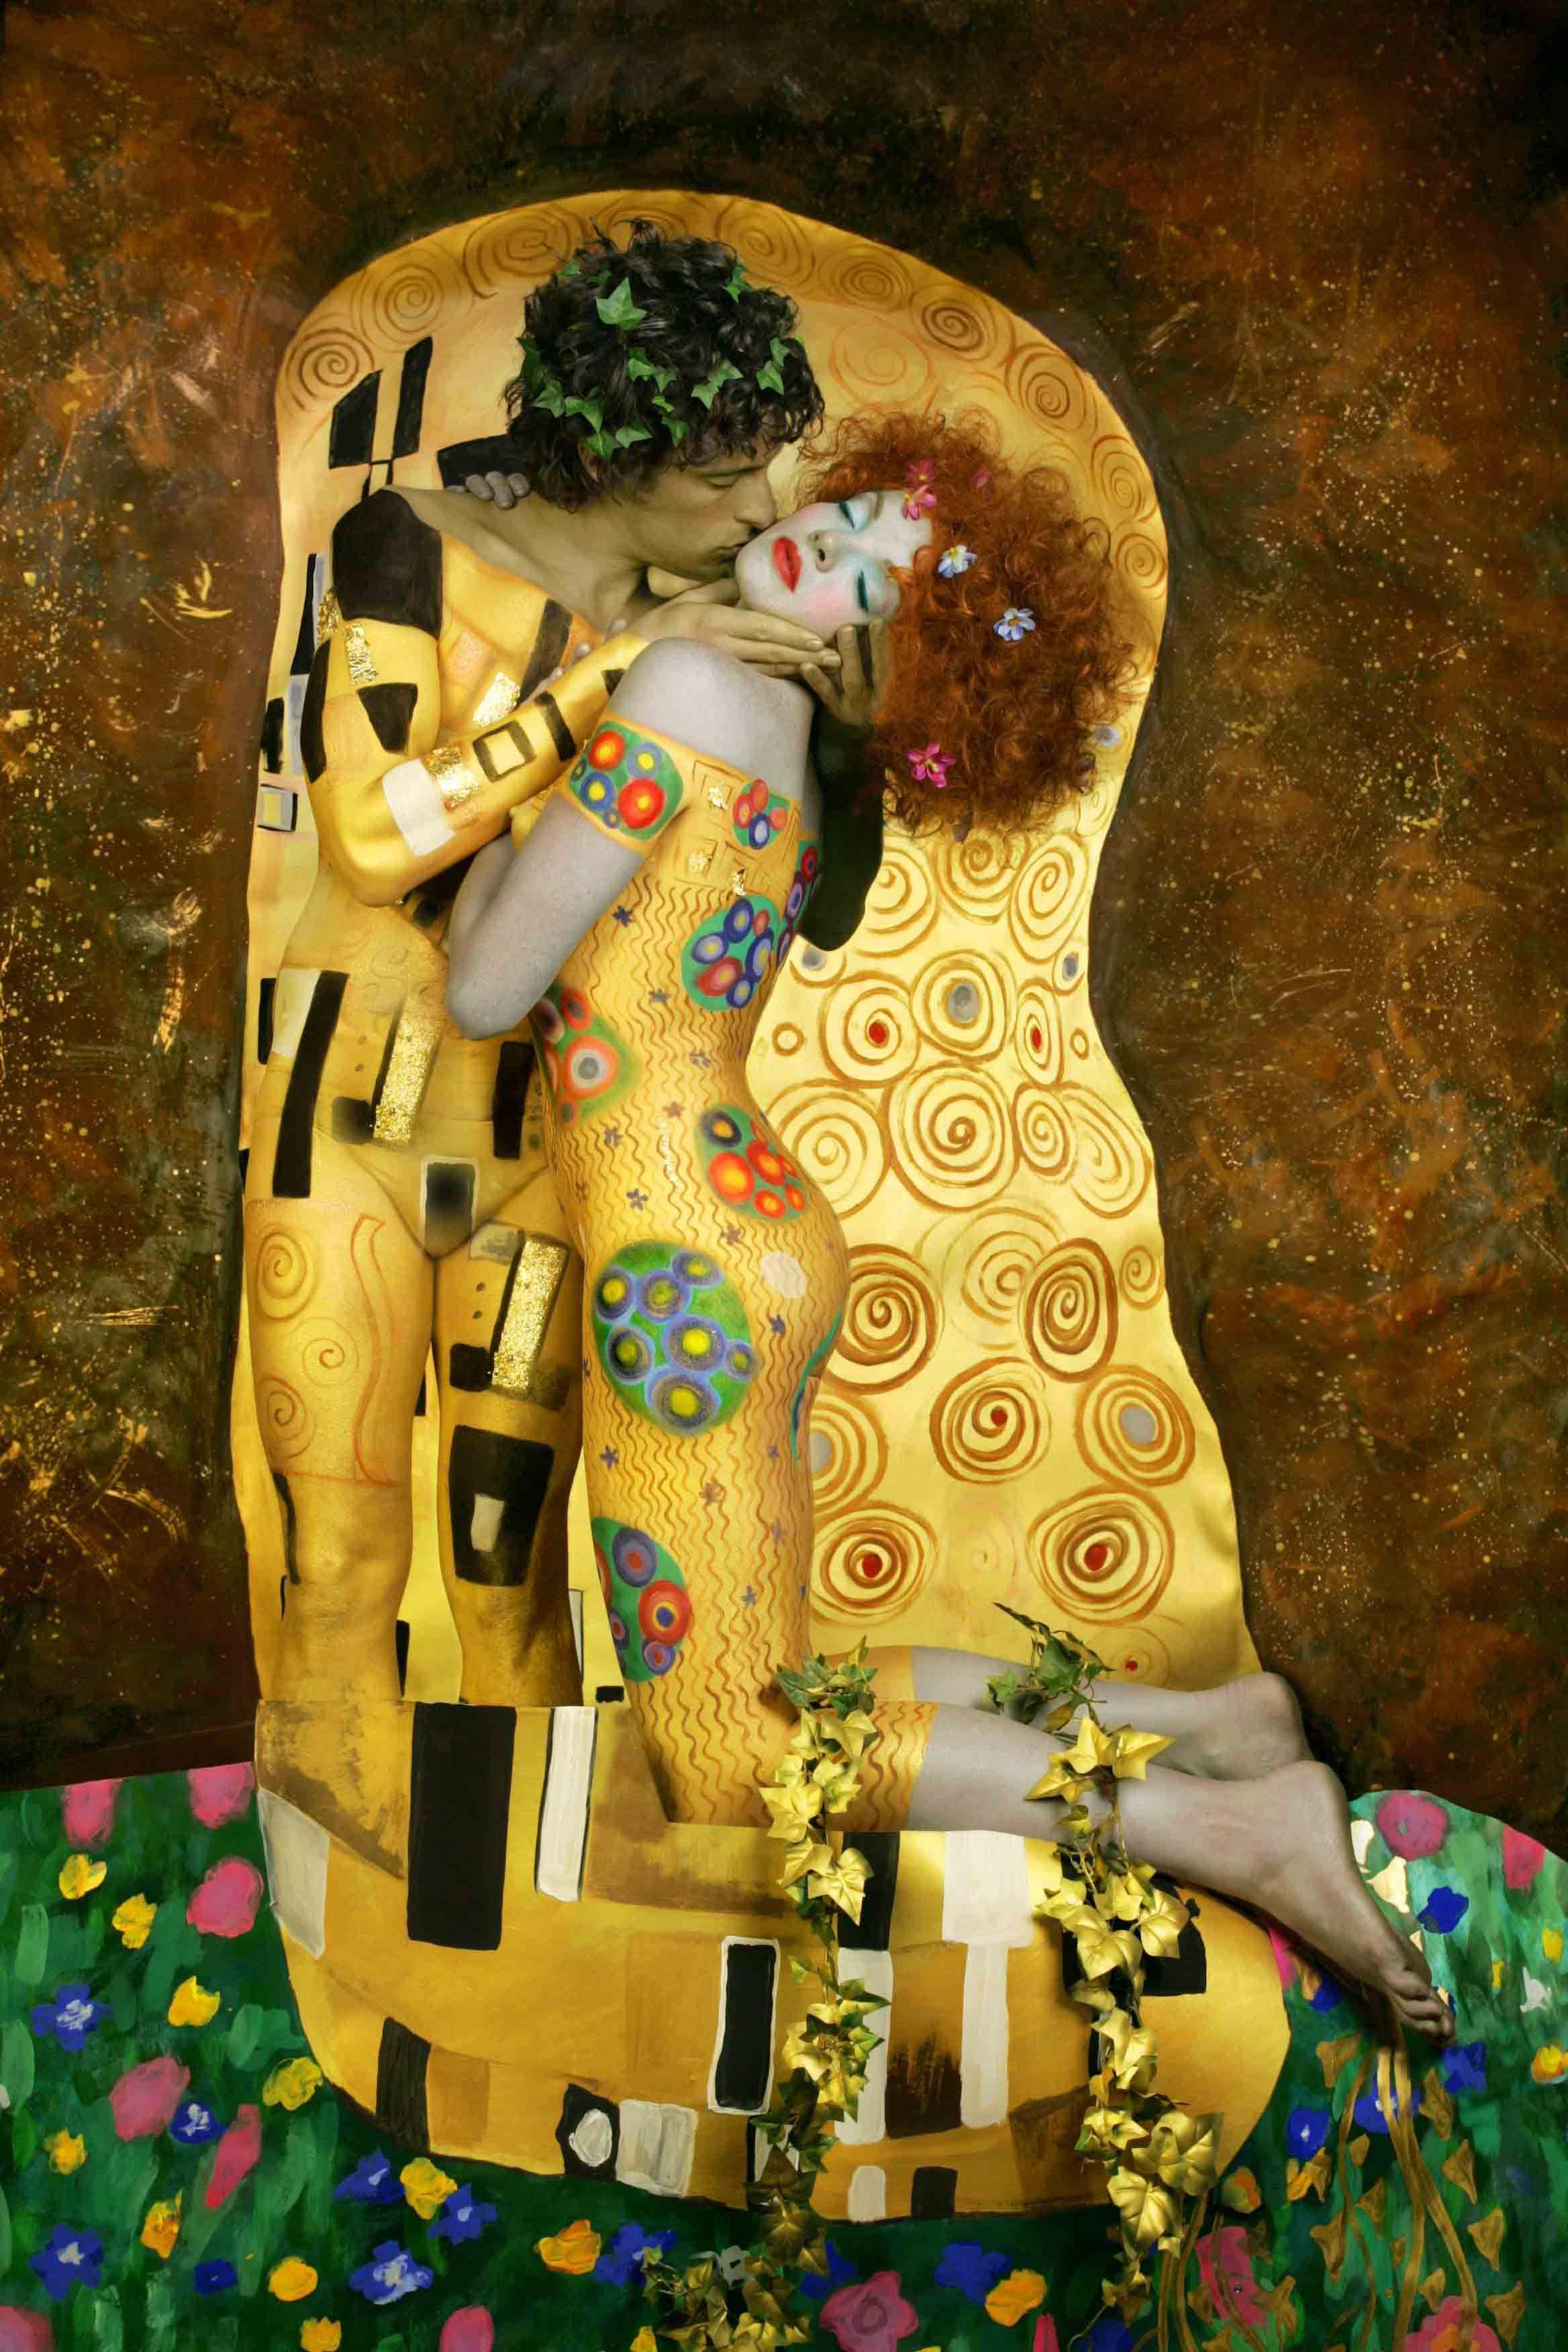 Art Inspired by Gustav Klimt\'s The Kiss Painting | Pinterest ...